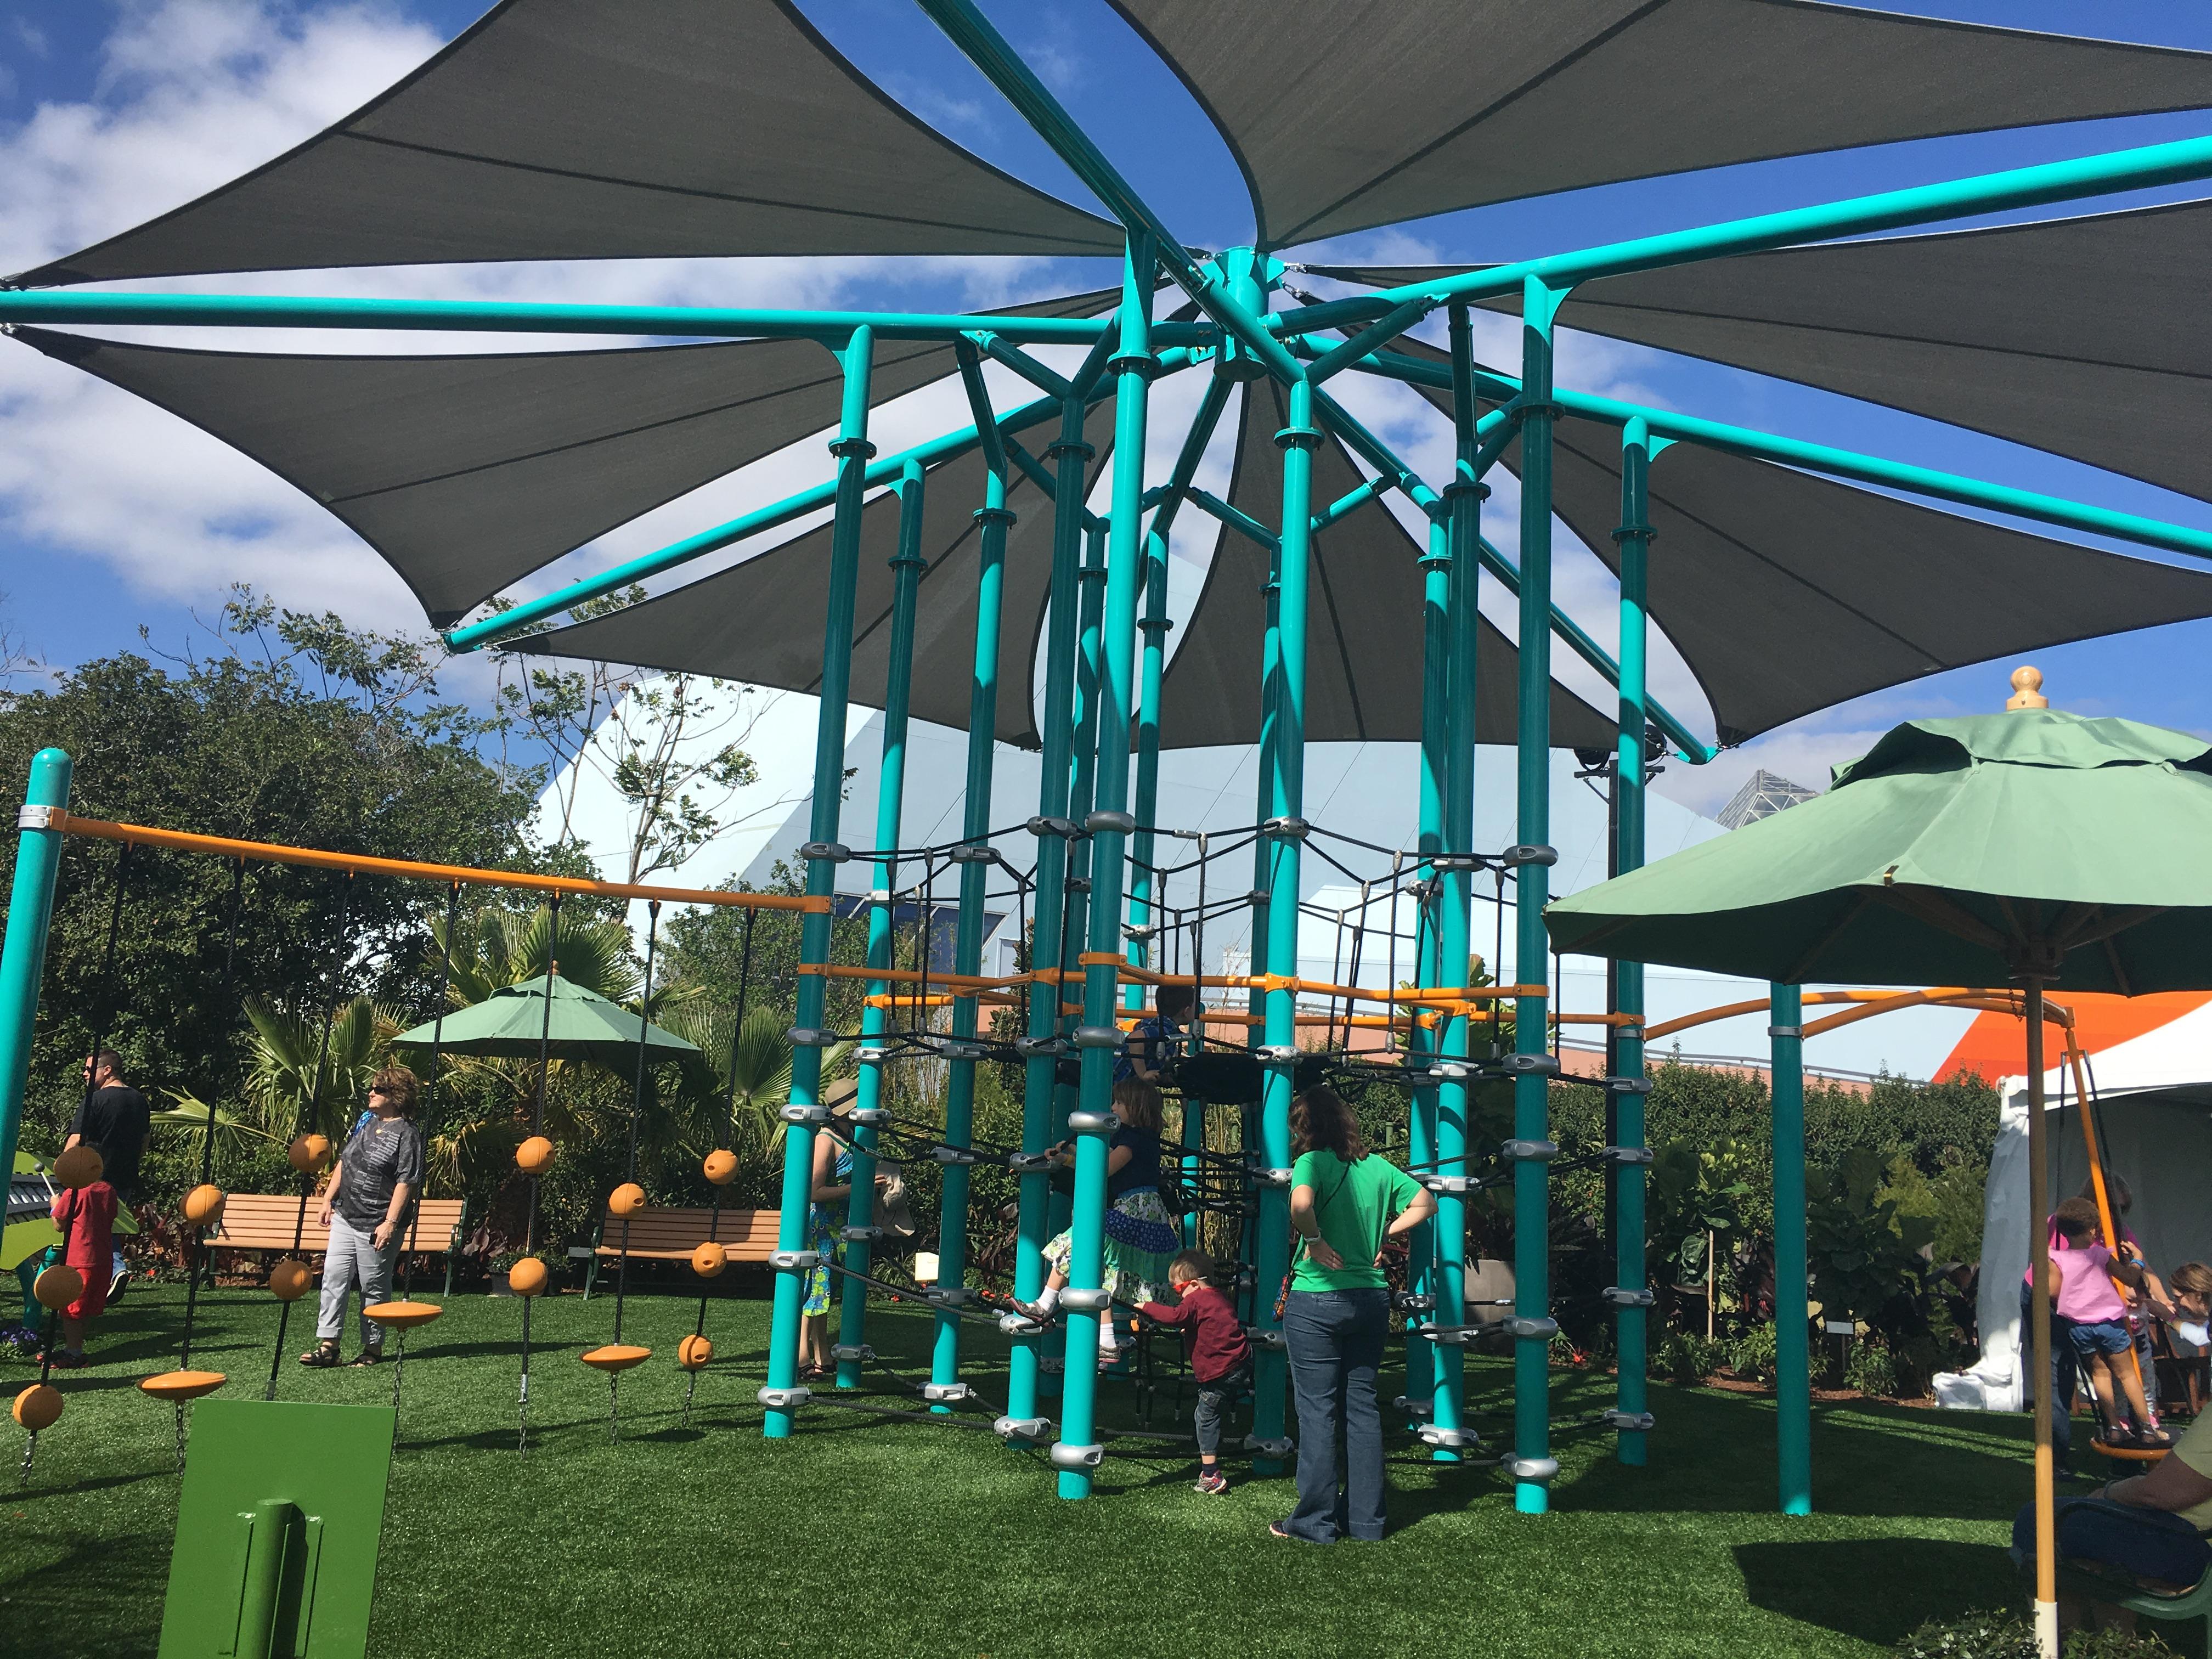 Epcot Flower and Garden Festival Playground at Walt Disney World in Orlando, FL